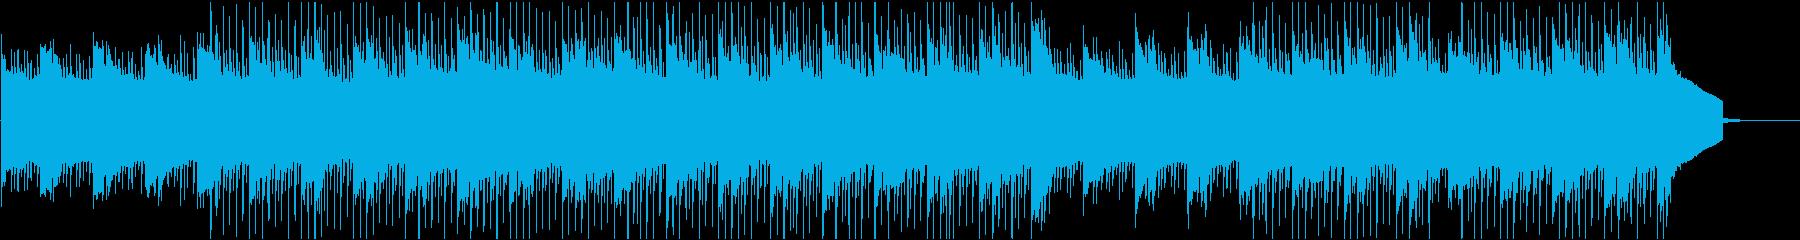 透明感のあるコーポレート/アンビエントの再生済みの波形